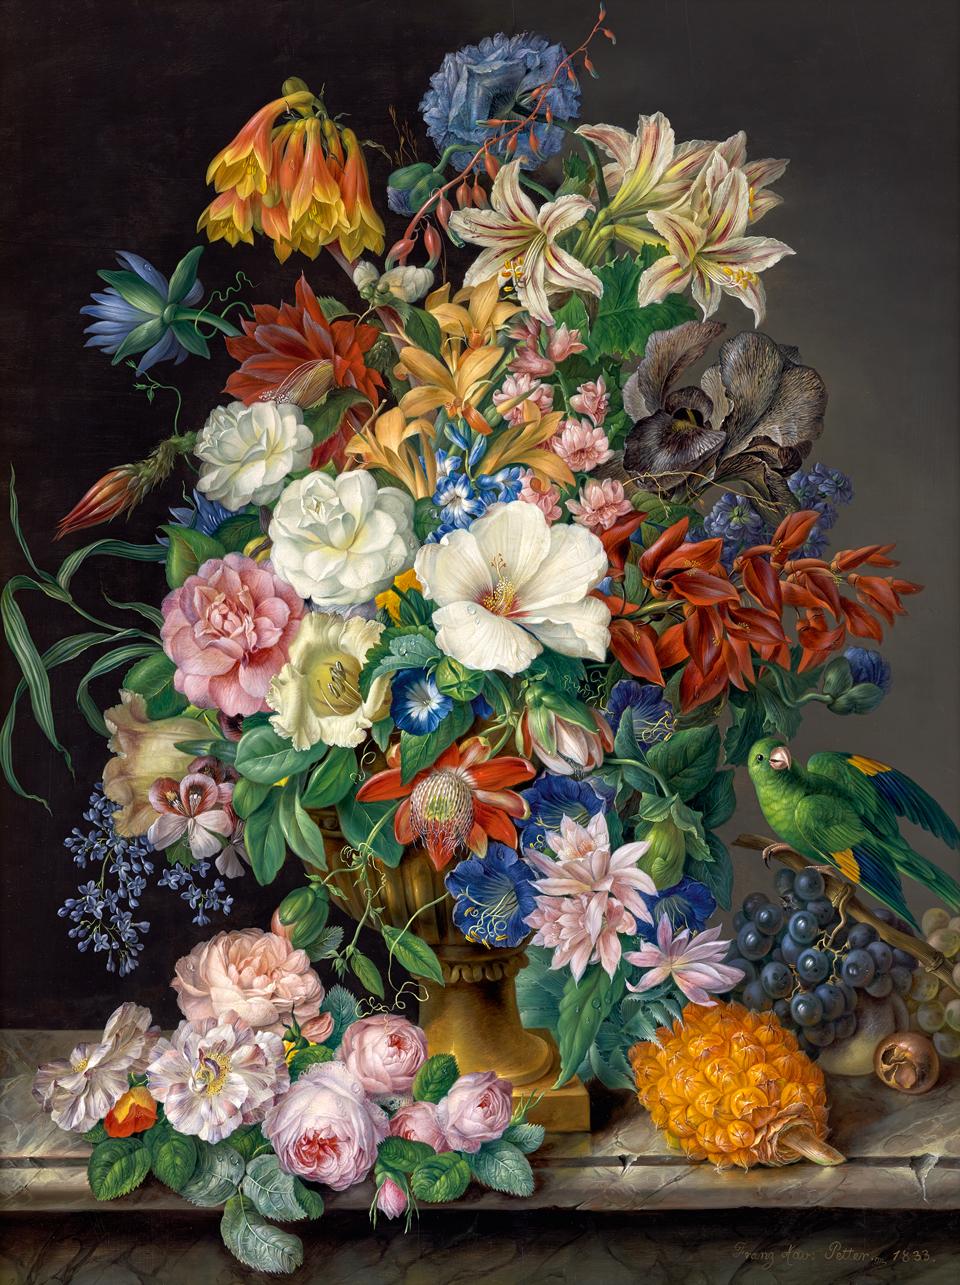 Franz_Xaver_Petter_-_Blumenstuck_mit_Ananas_Weintrauben_und_Papagei_-_4183_-_Kunsthistorisches_Museum.jpg